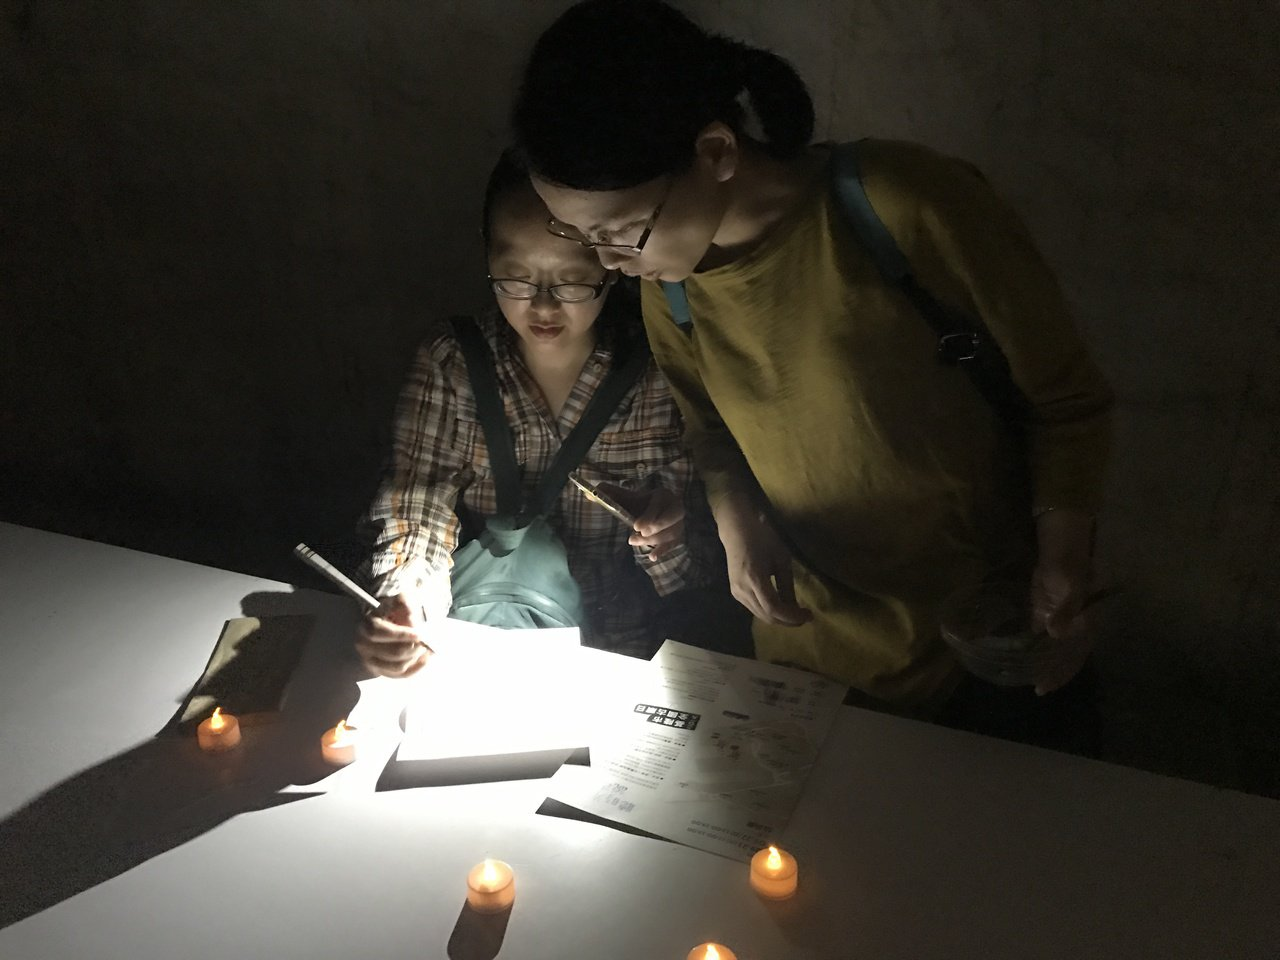 參與民眾在防空洞內就著微弱燈光寫一封信,體驗戰爭心情。記者吳淑君/攝影